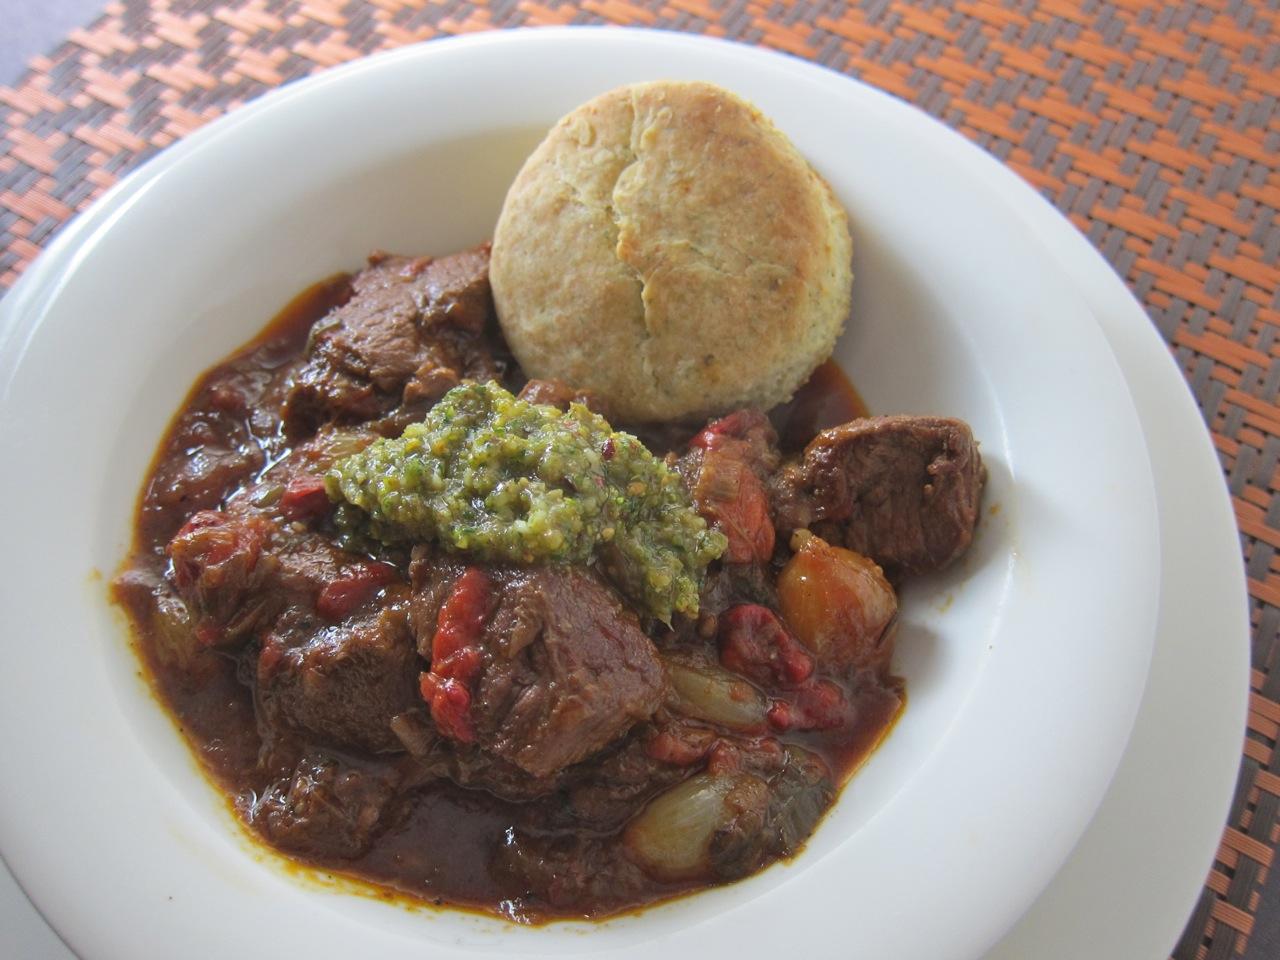 Cuisine Ici: March 2013